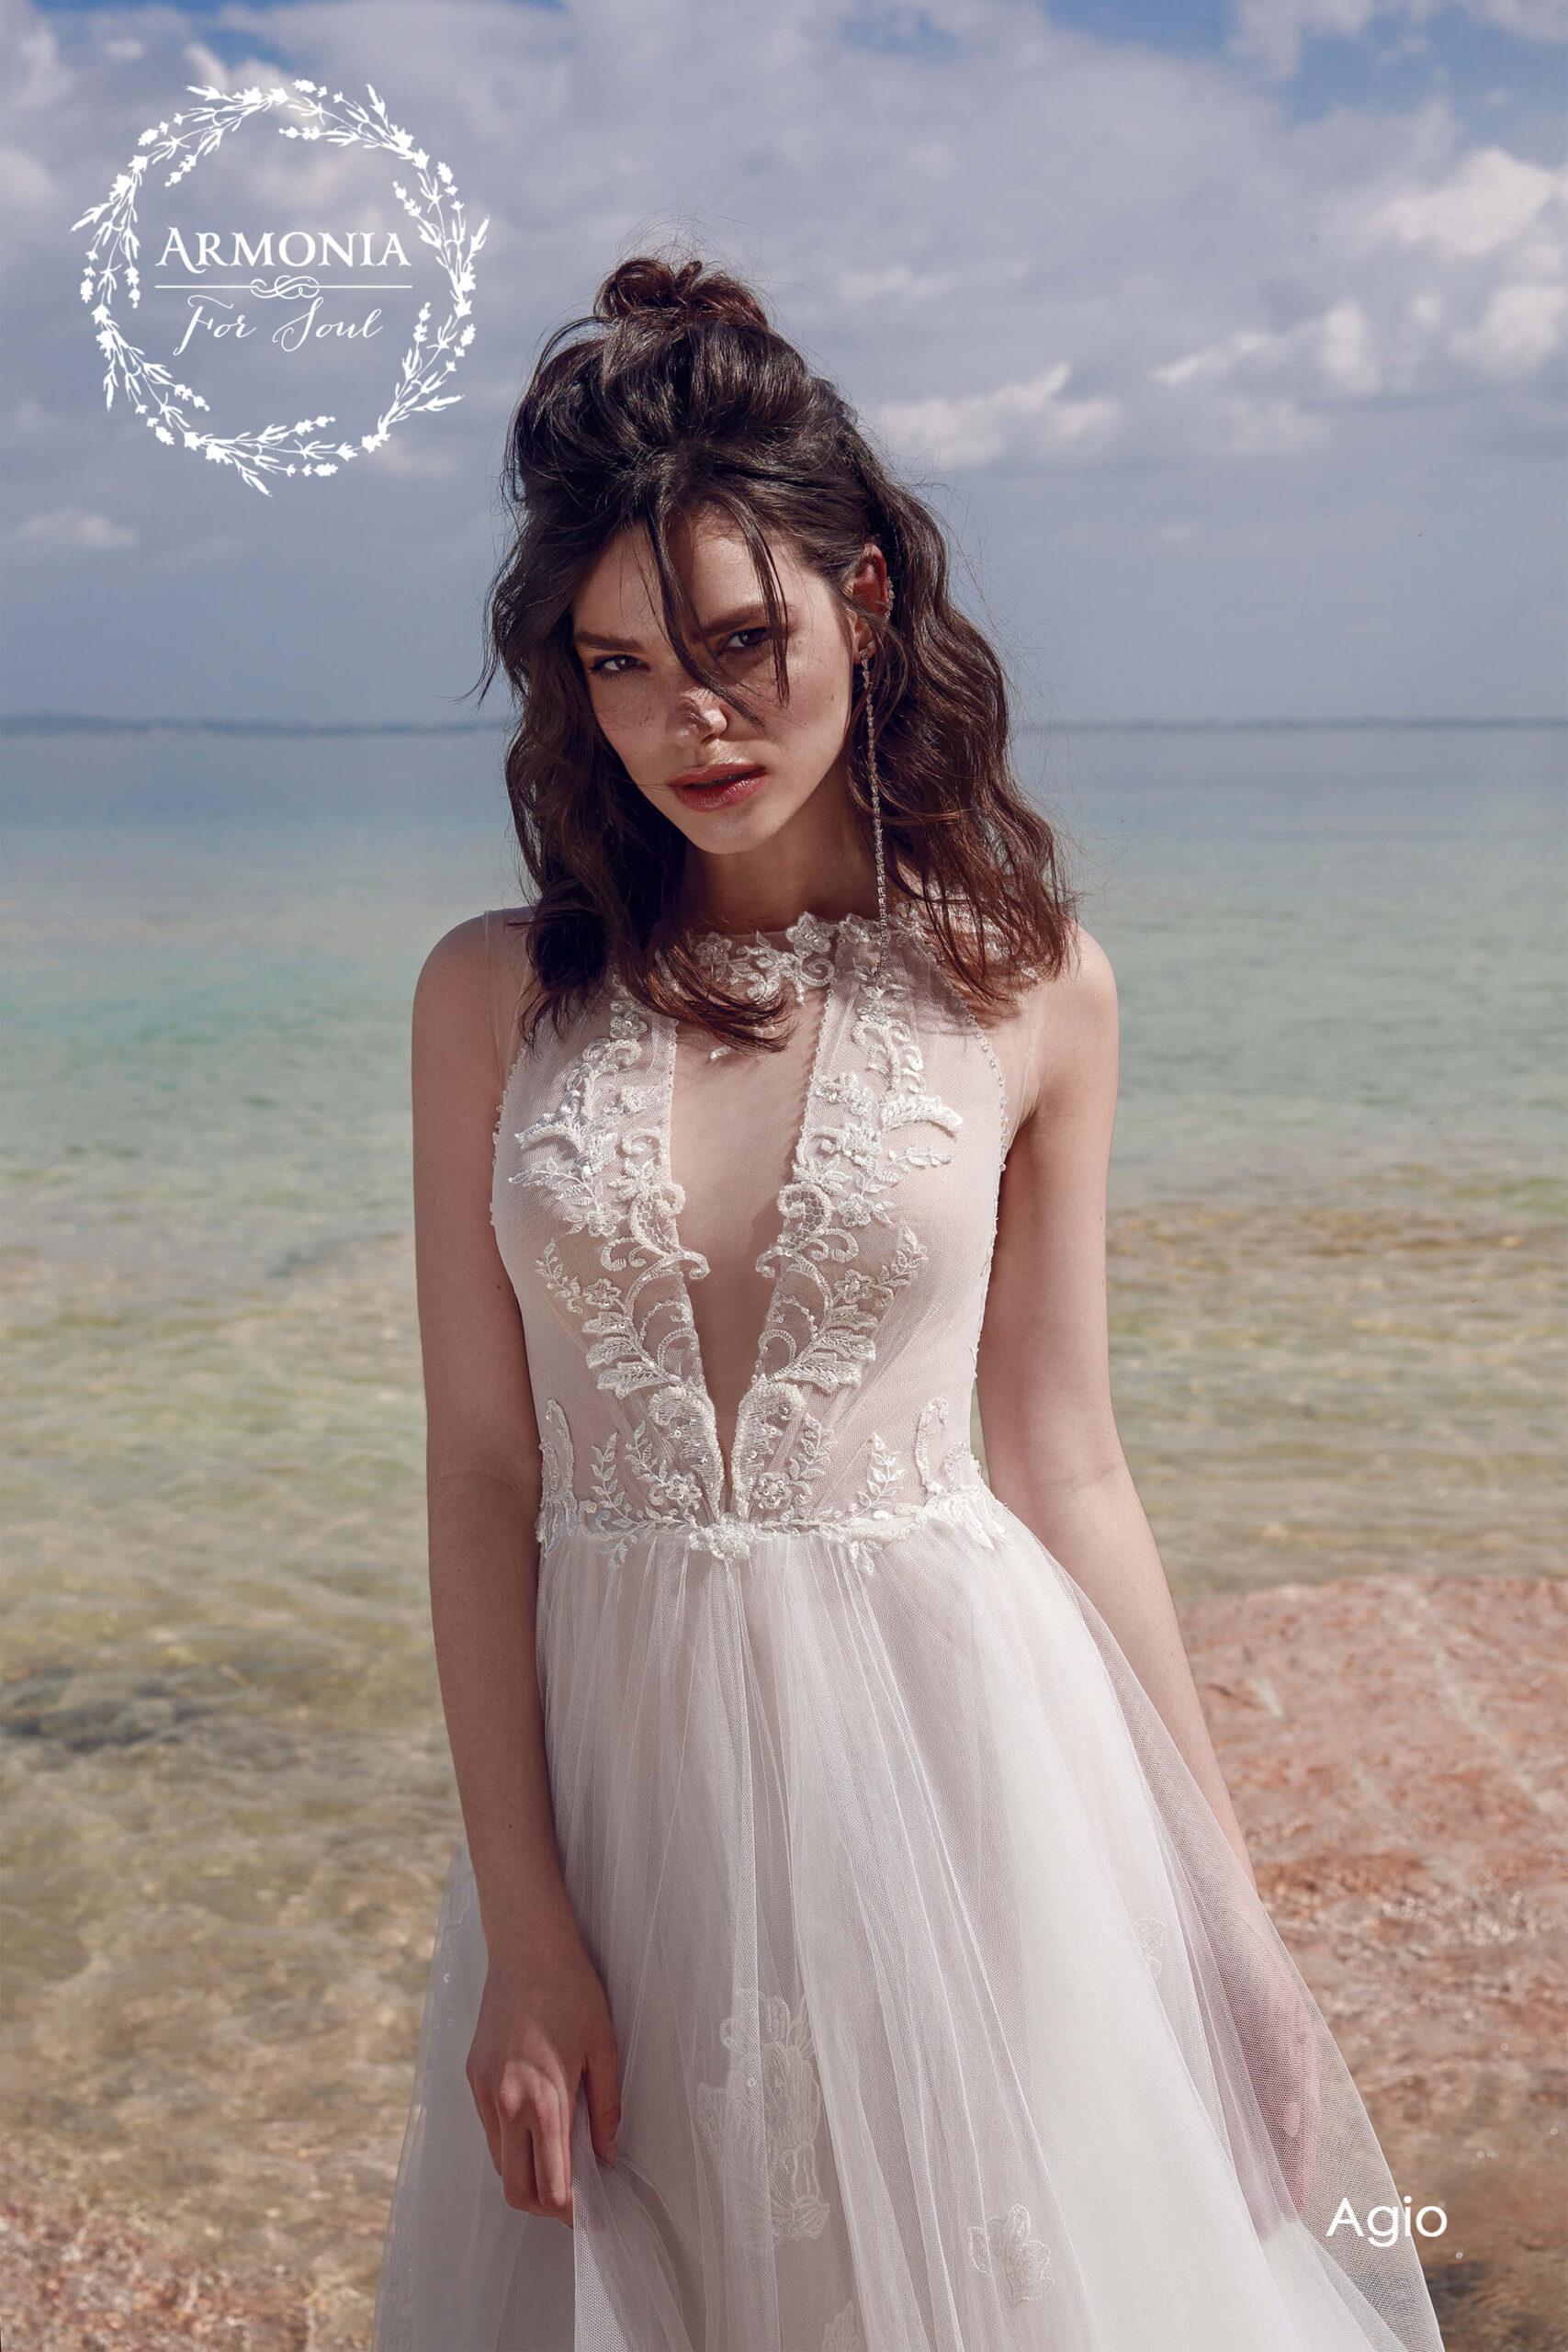 Весільна сукня Agio Armonia